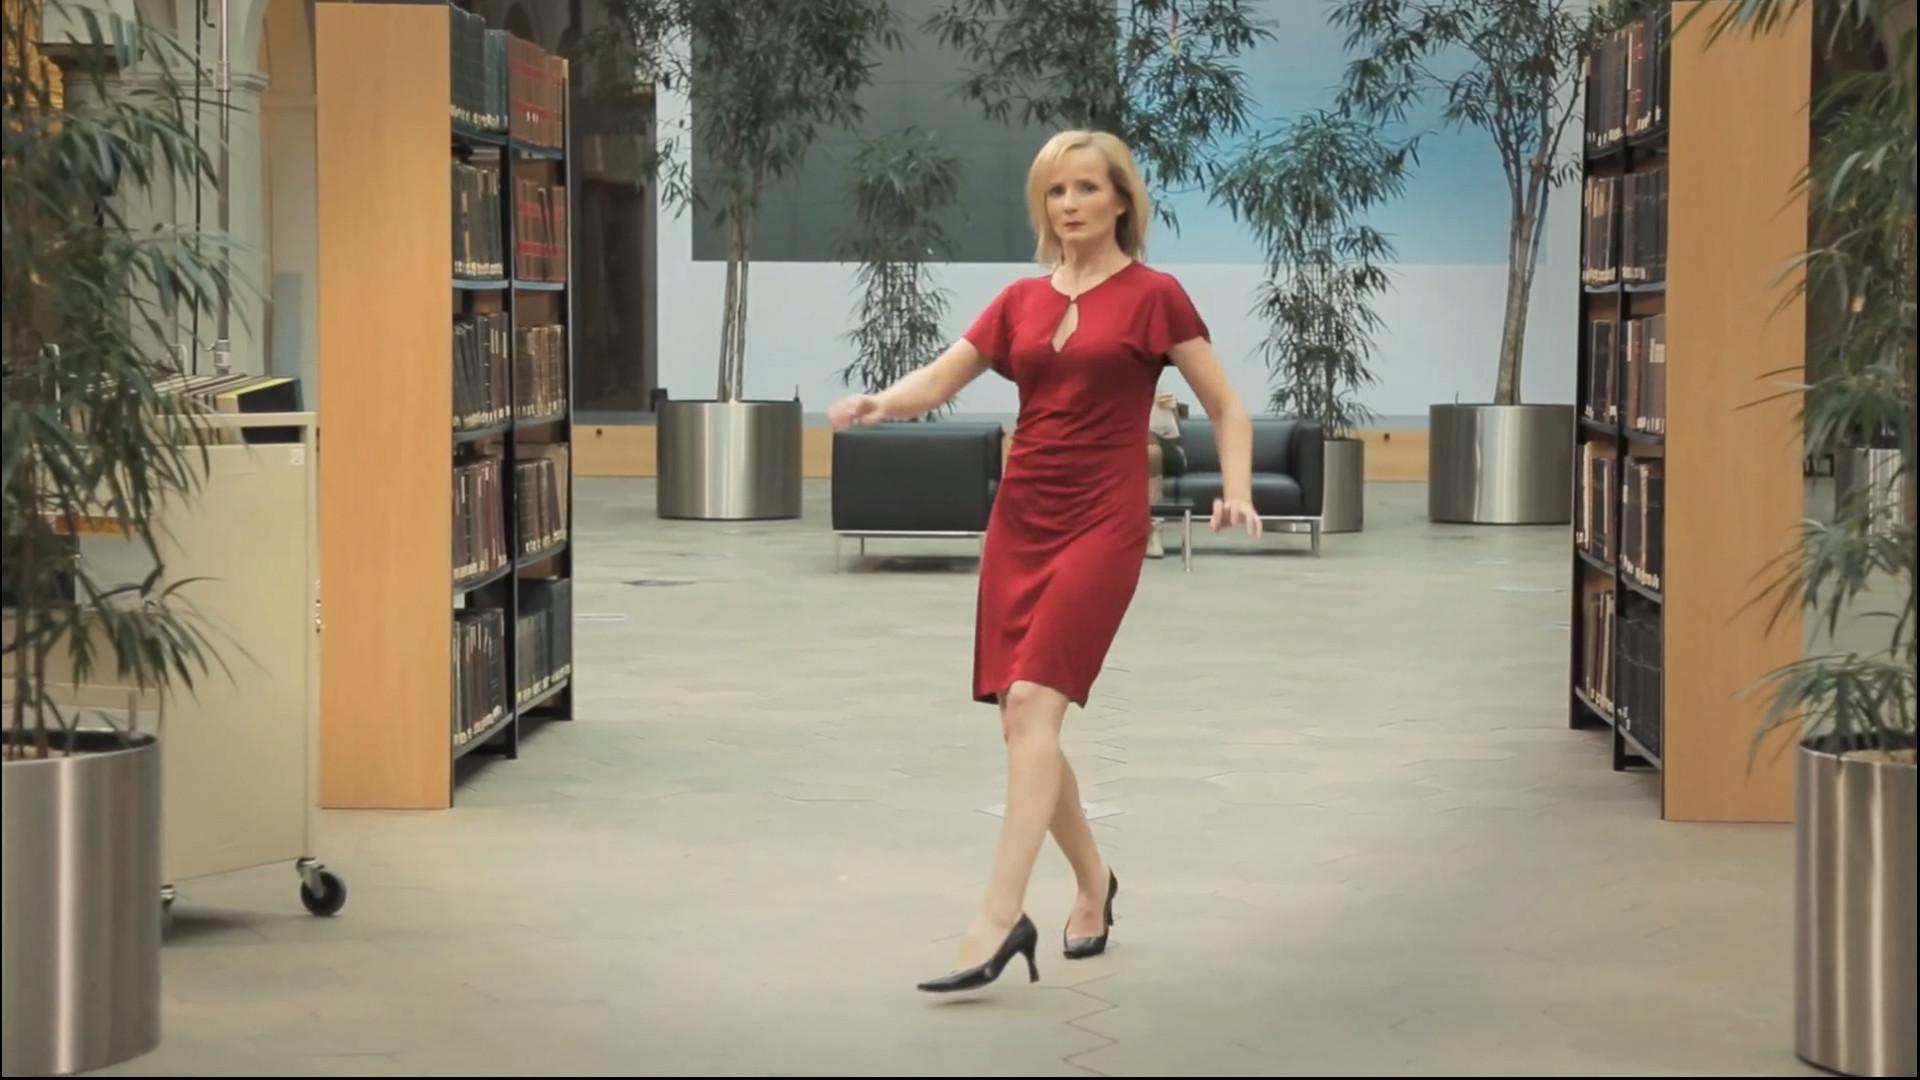 Kommt eine Blondine in die Bibliothek [Video]